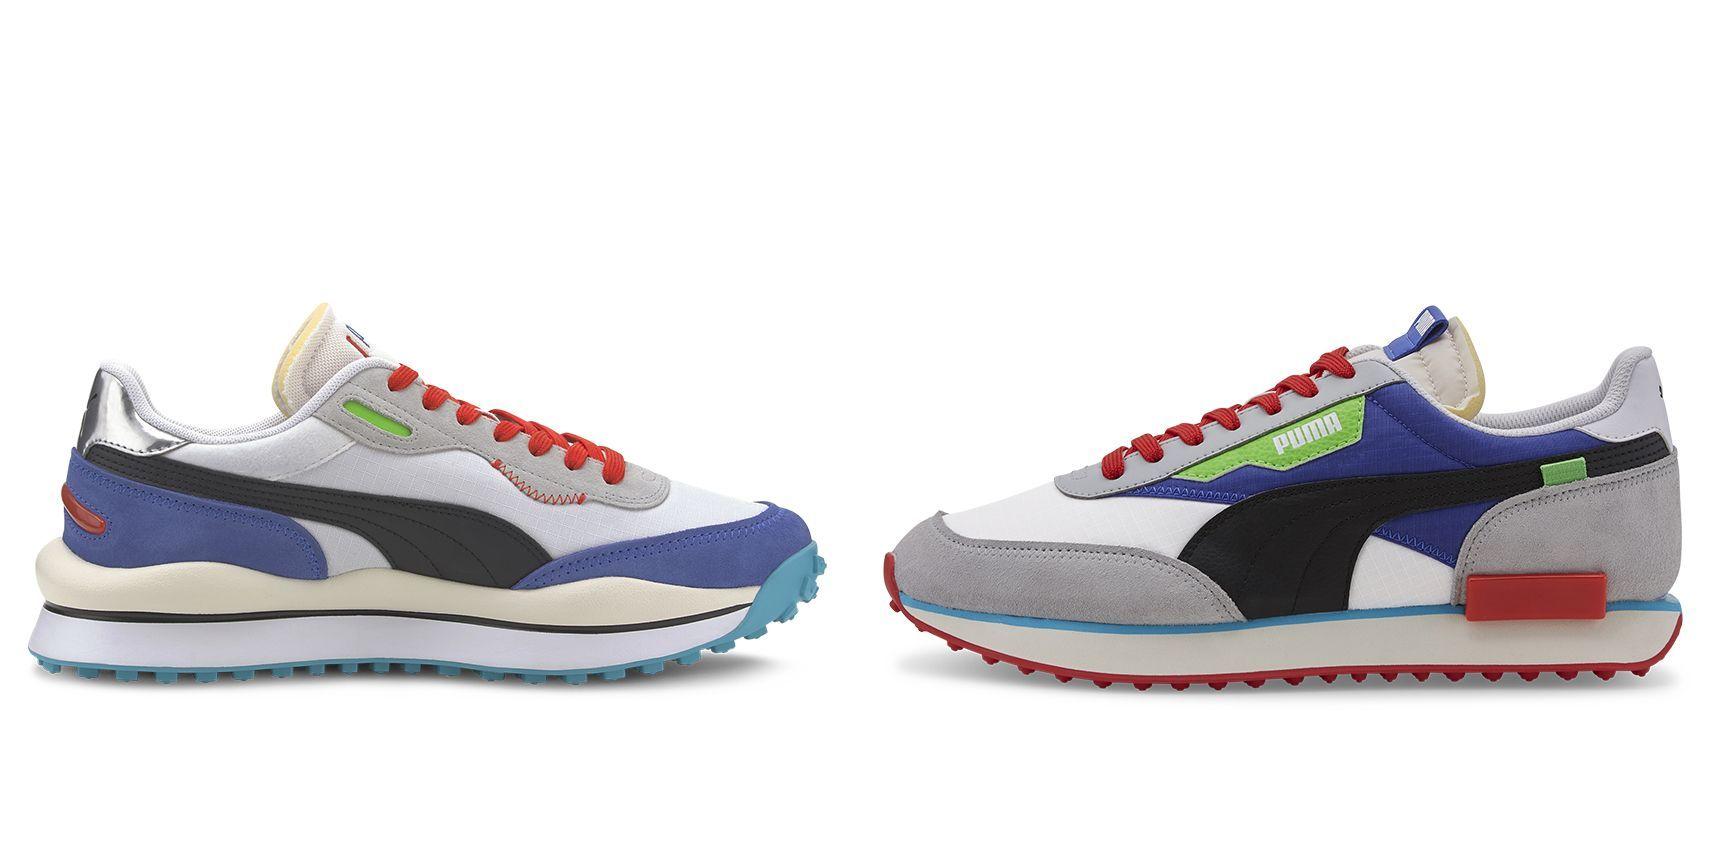 Las Nuevas Zapatillas De Puma Están Inspiradas En Las Fast Rider Su Silueta Más Icónicas De Los 80 Sneakers Sneakers Nike Jordans Sneakers